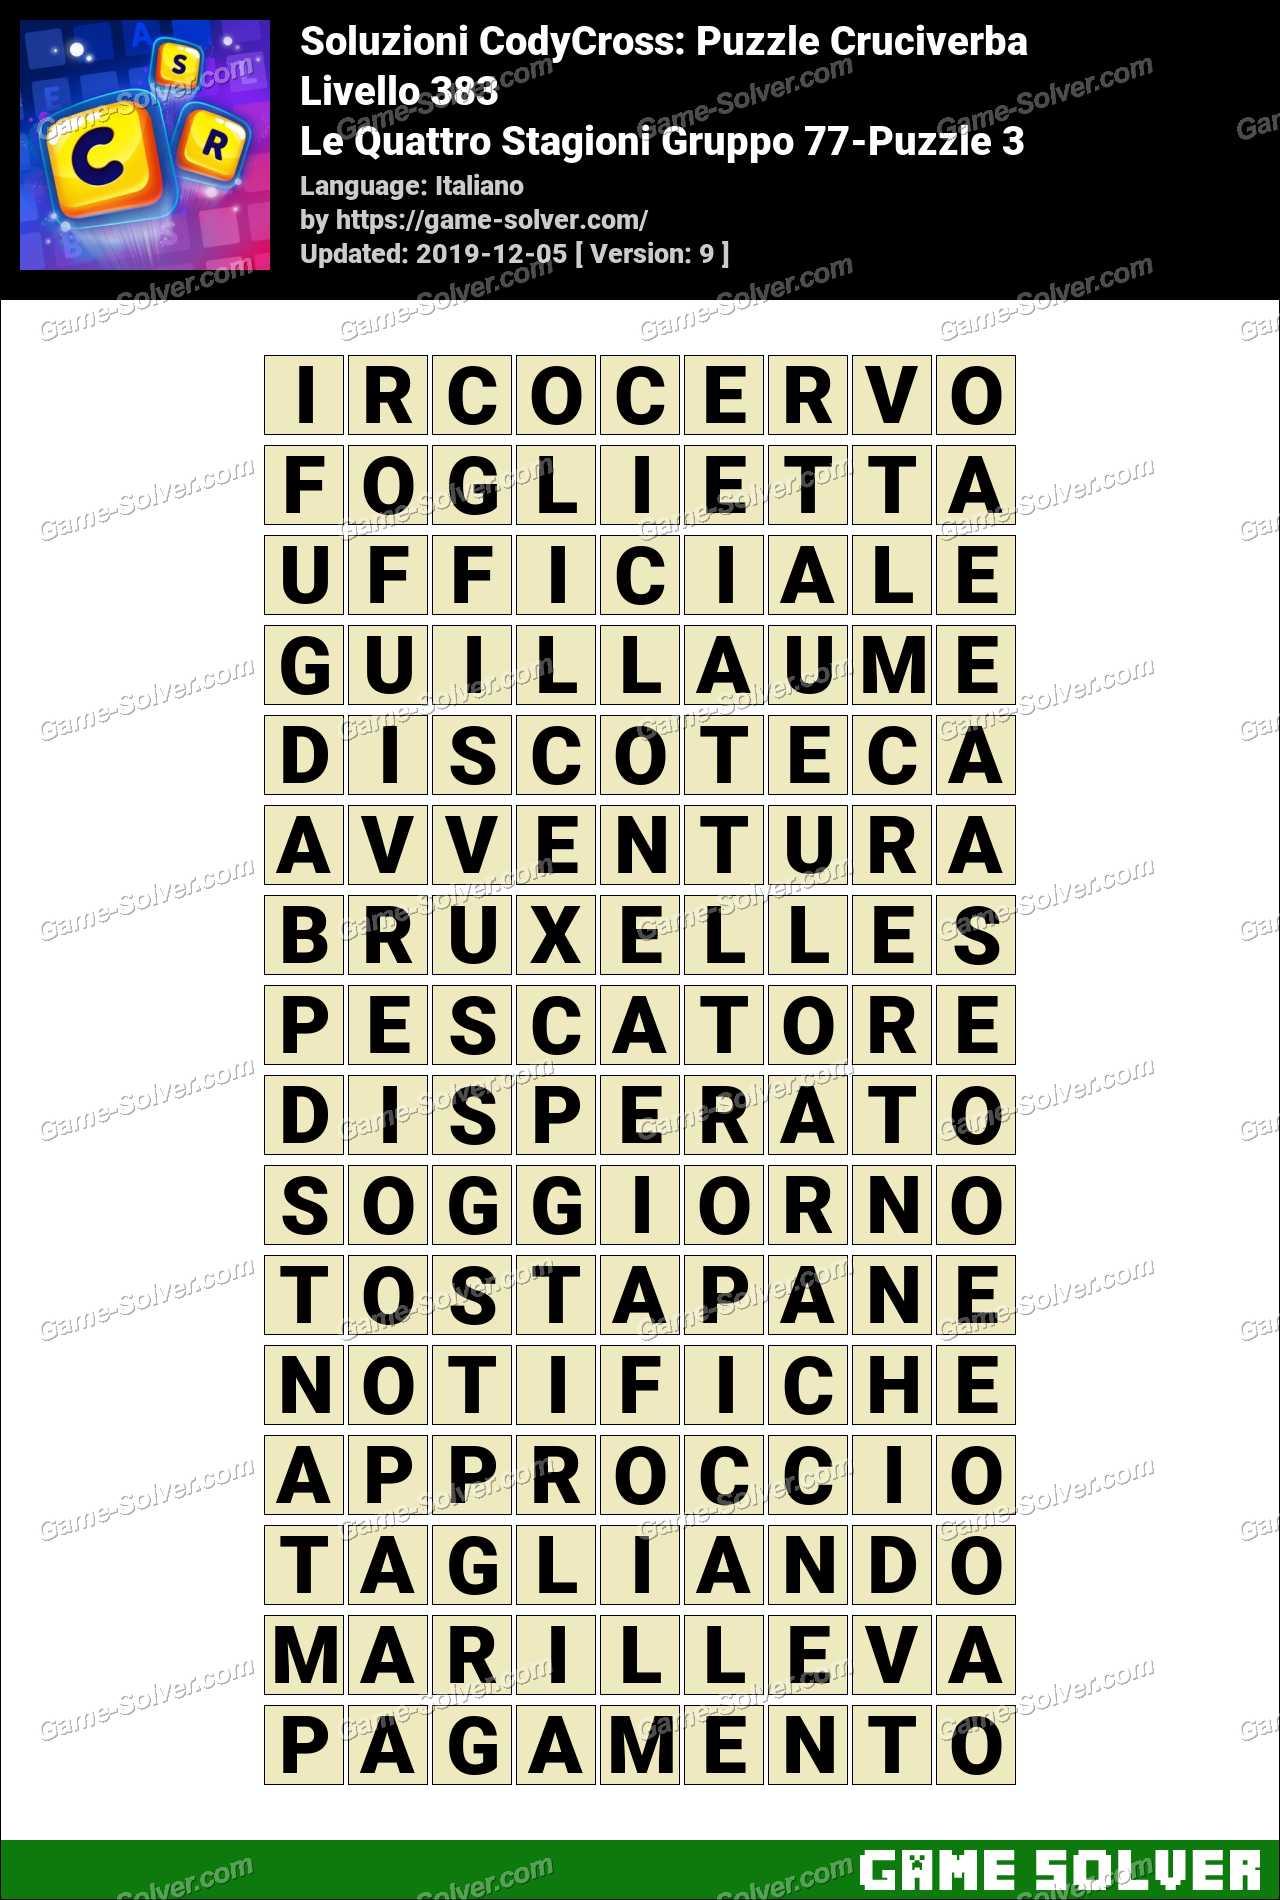 Soluzioni CodyCross Le Quattro Stagioni Gruppo 77-Puzzle 3